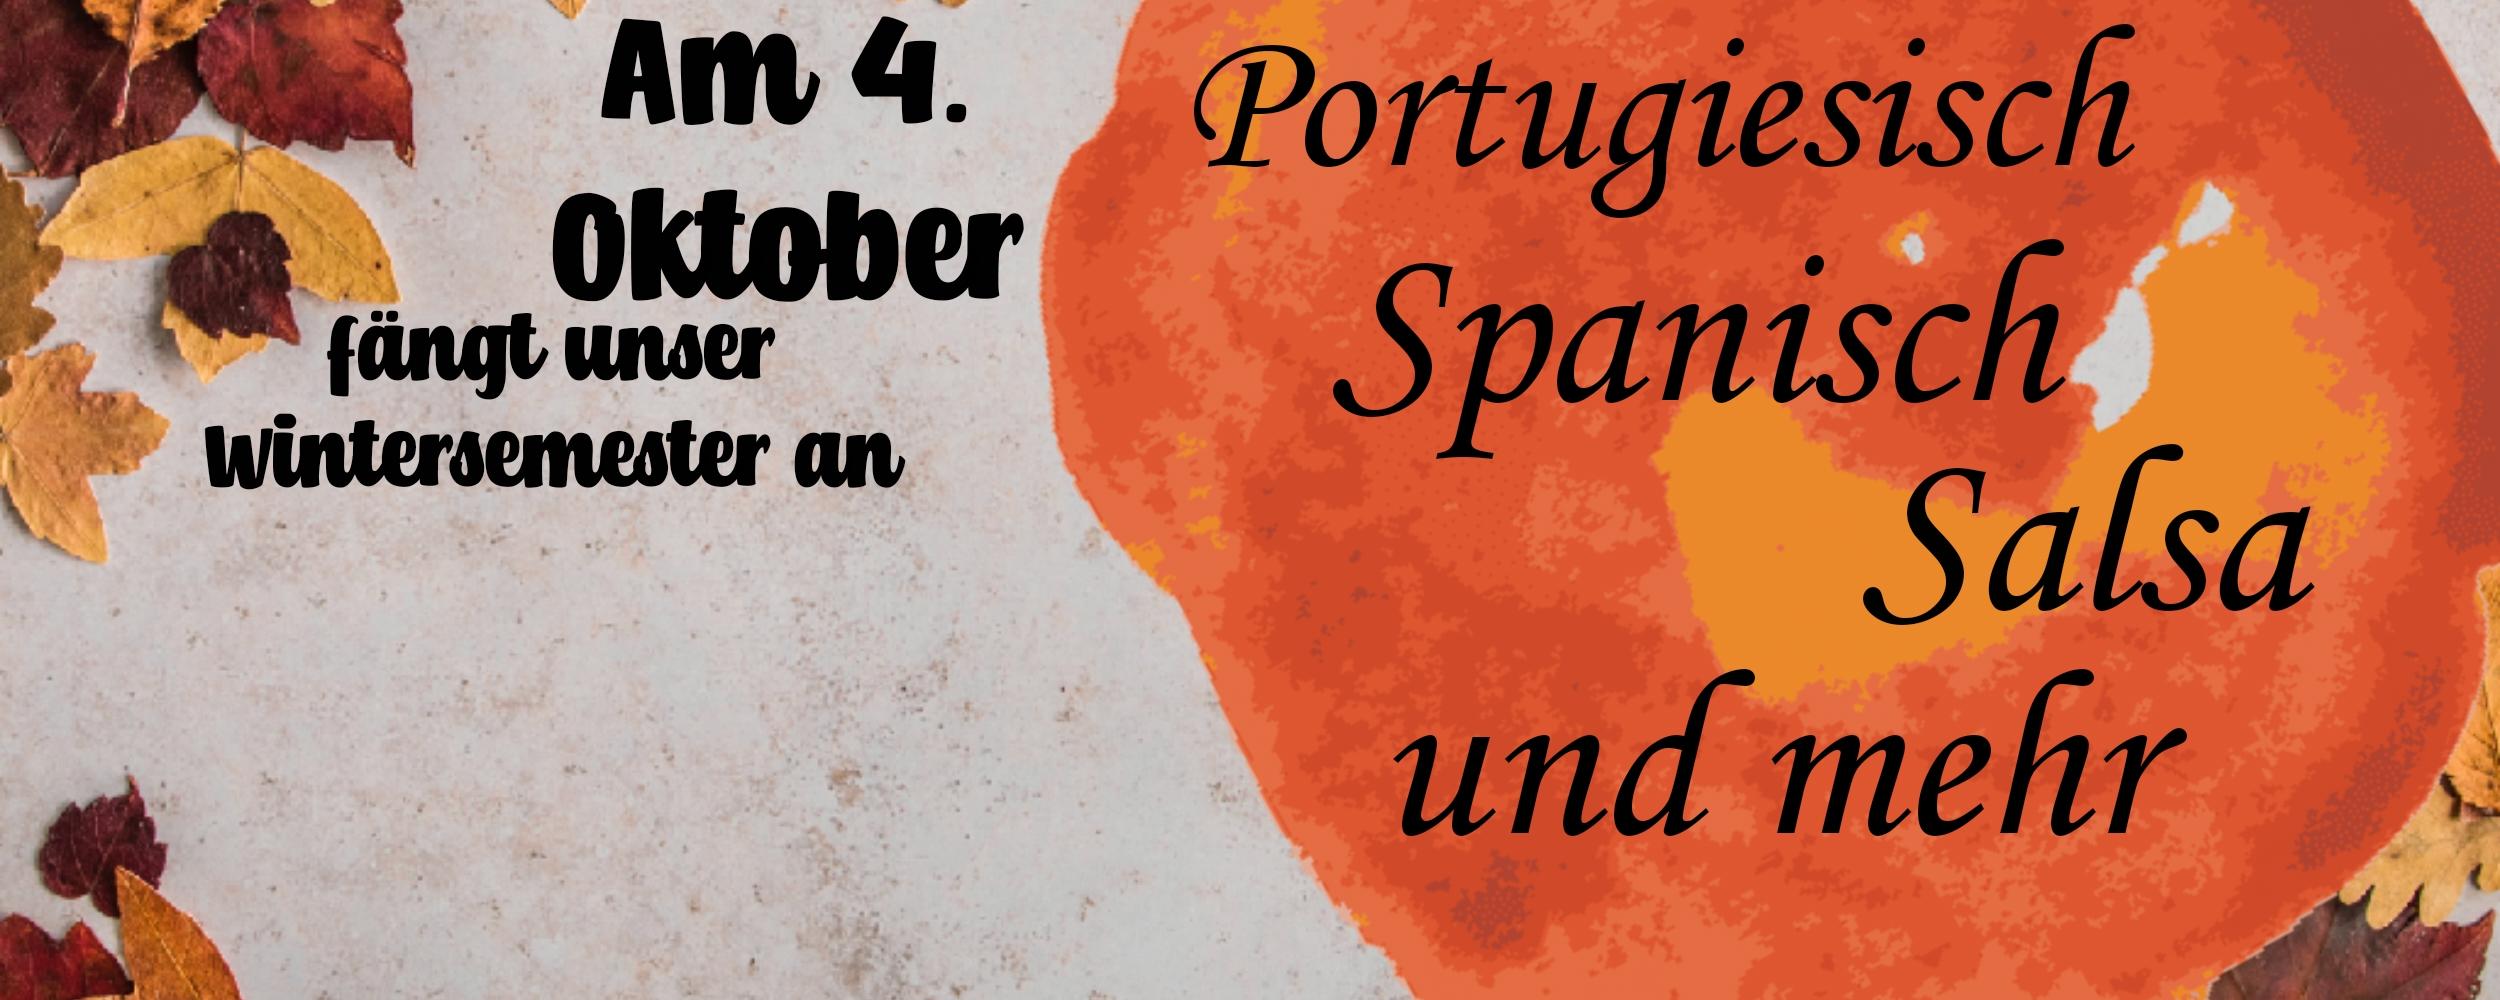 Lust eine neue Sprache zu lernen? Dann komm zum IAI und nimm bei unseren Spanisch und Portugiesisch Kursen teil! Alle unsere SprachenlehrerInnen sind native speaker